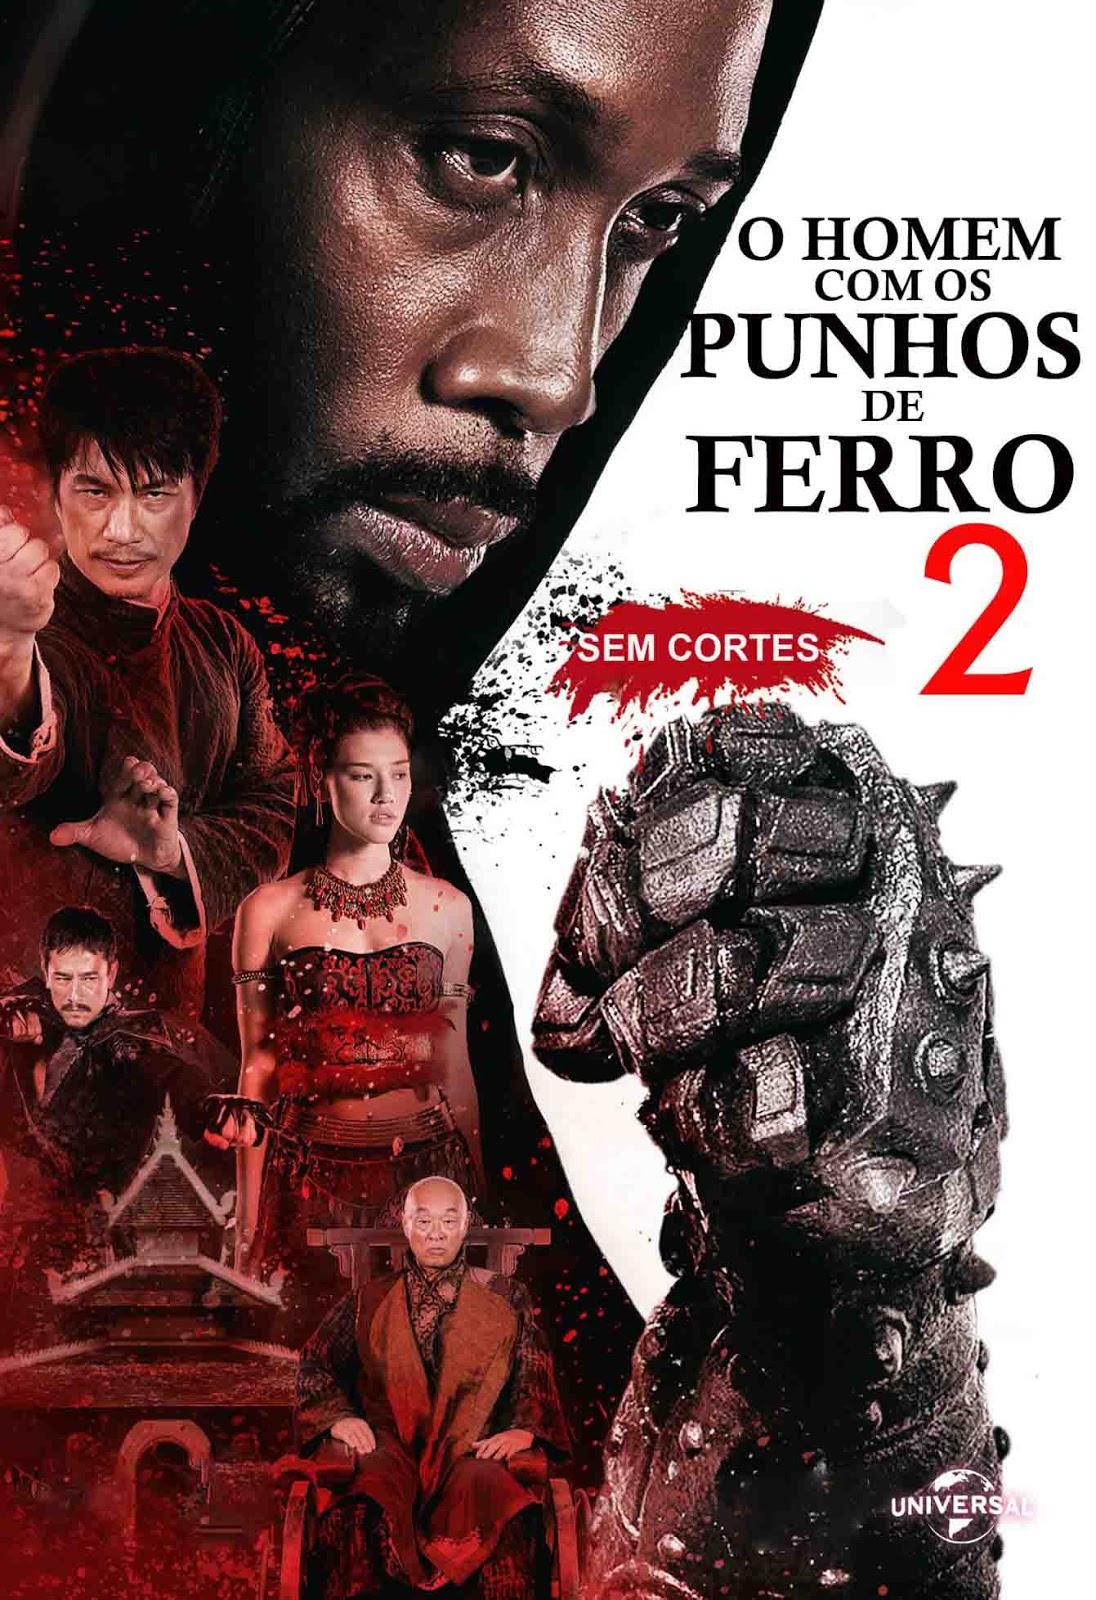 O Homem com Punhos de Ferro 2 Torrent - Blu-ray Rip 1080p Dual Áudio (2015)